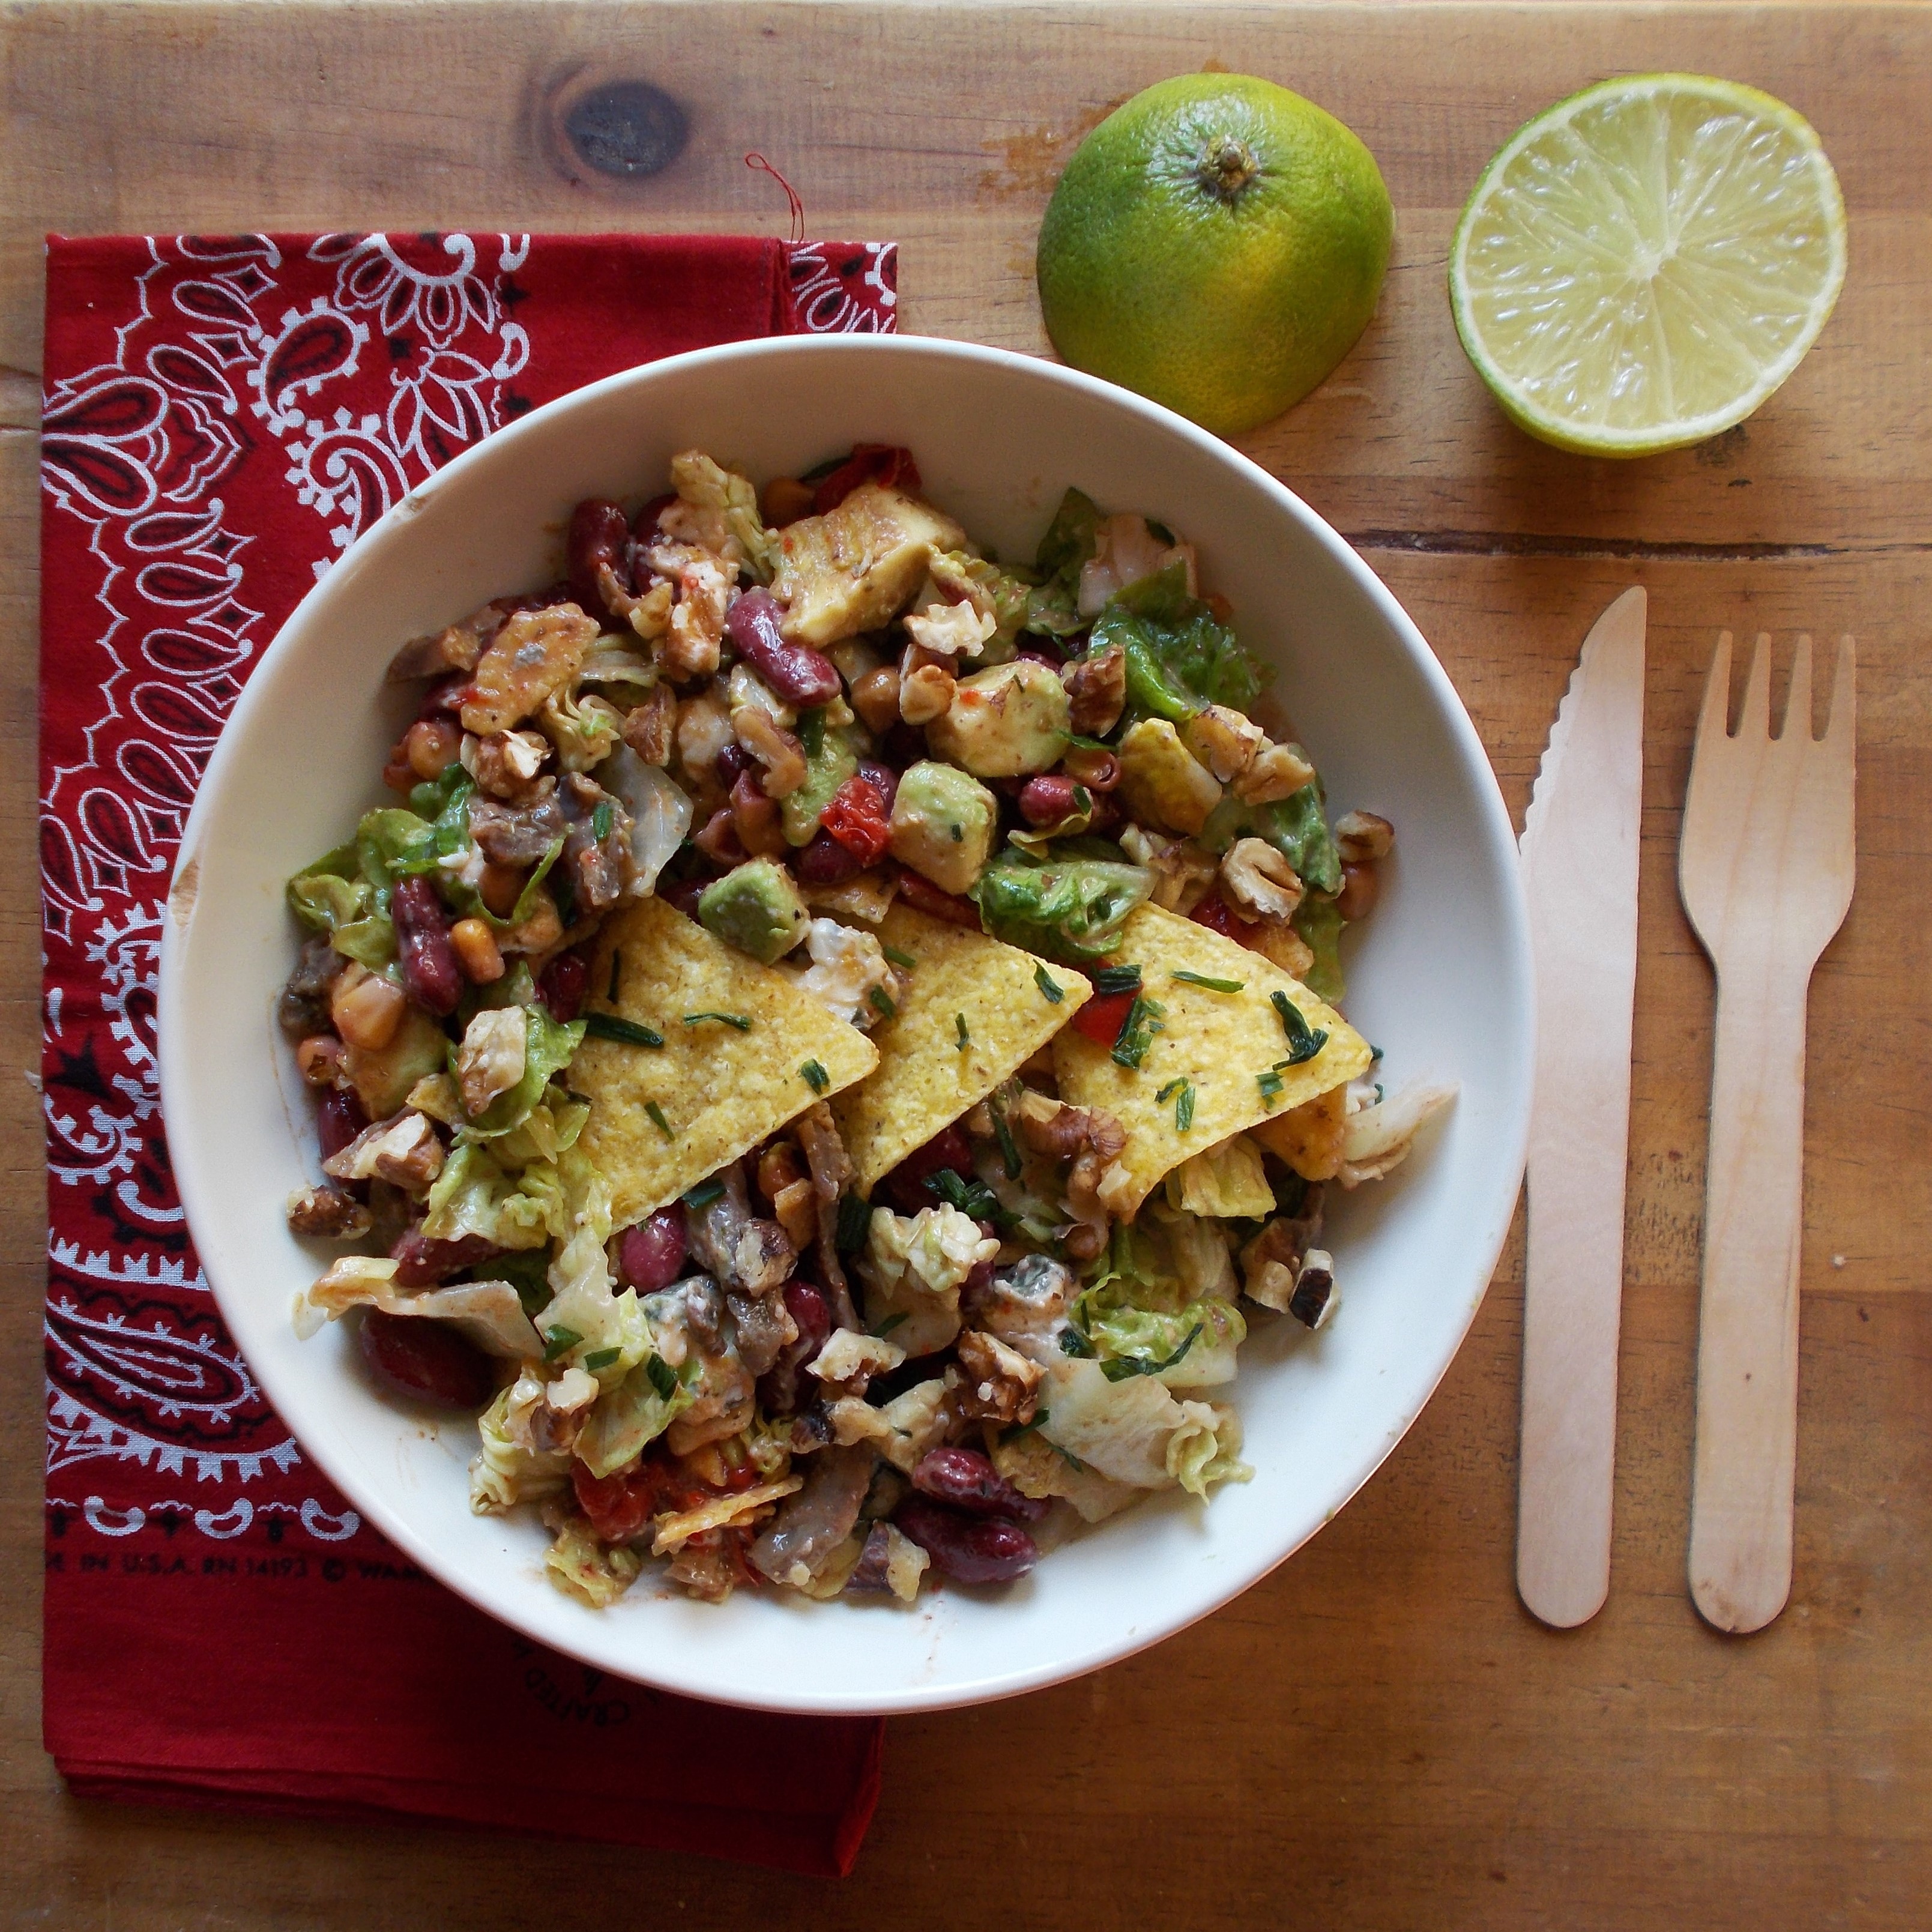 Salade tex-mex au confit de canard